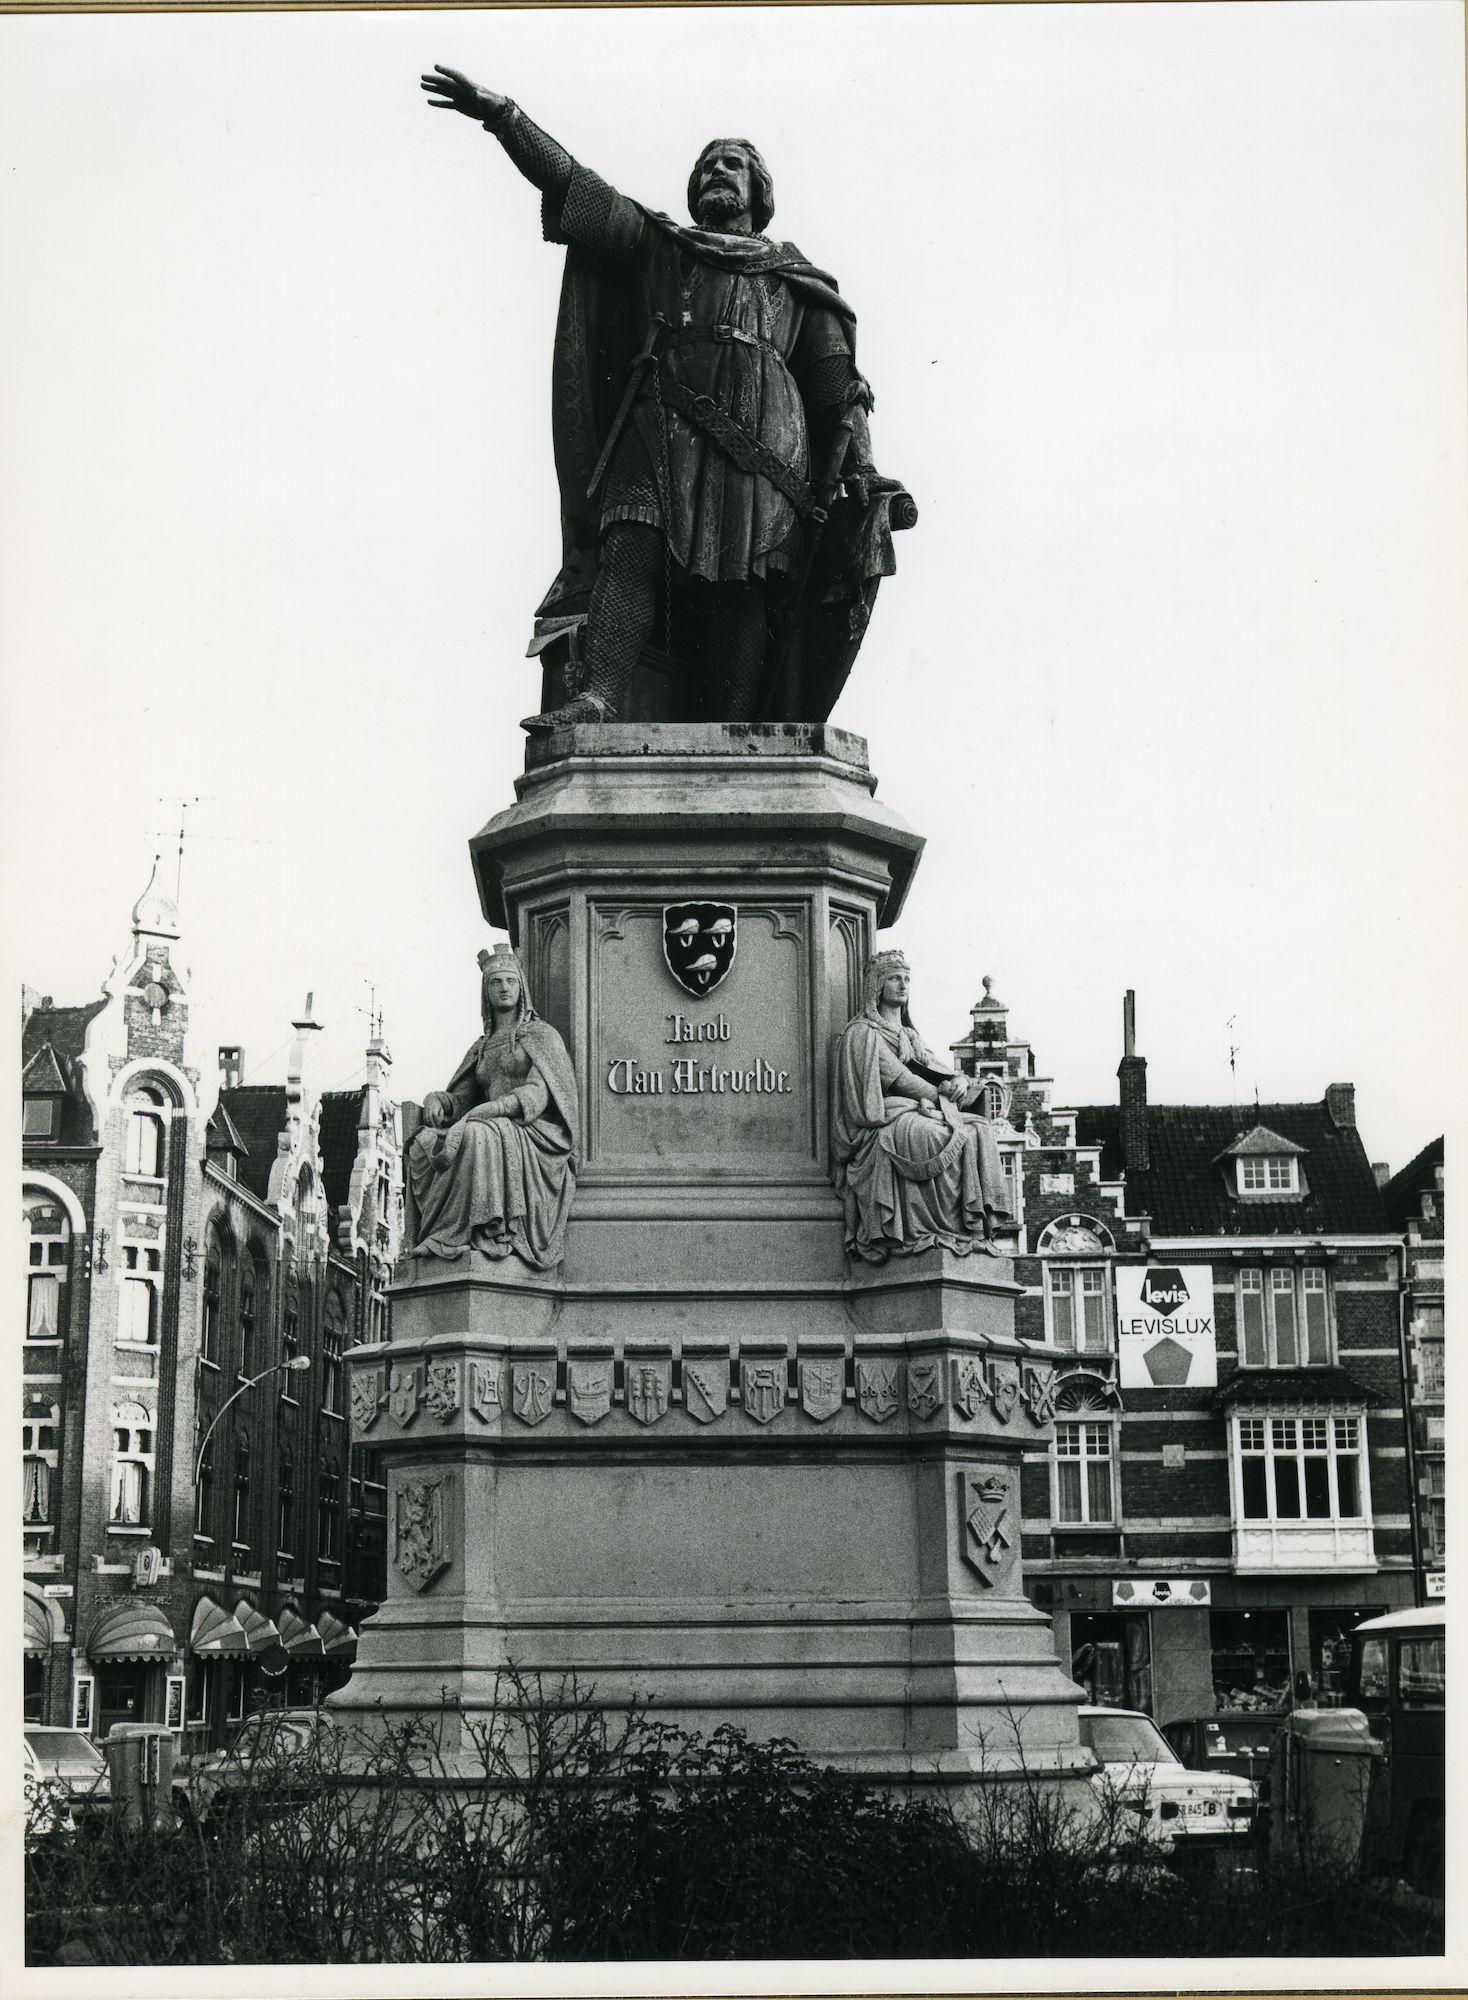 Gent: Vrijdagmarkt: Standbeeld